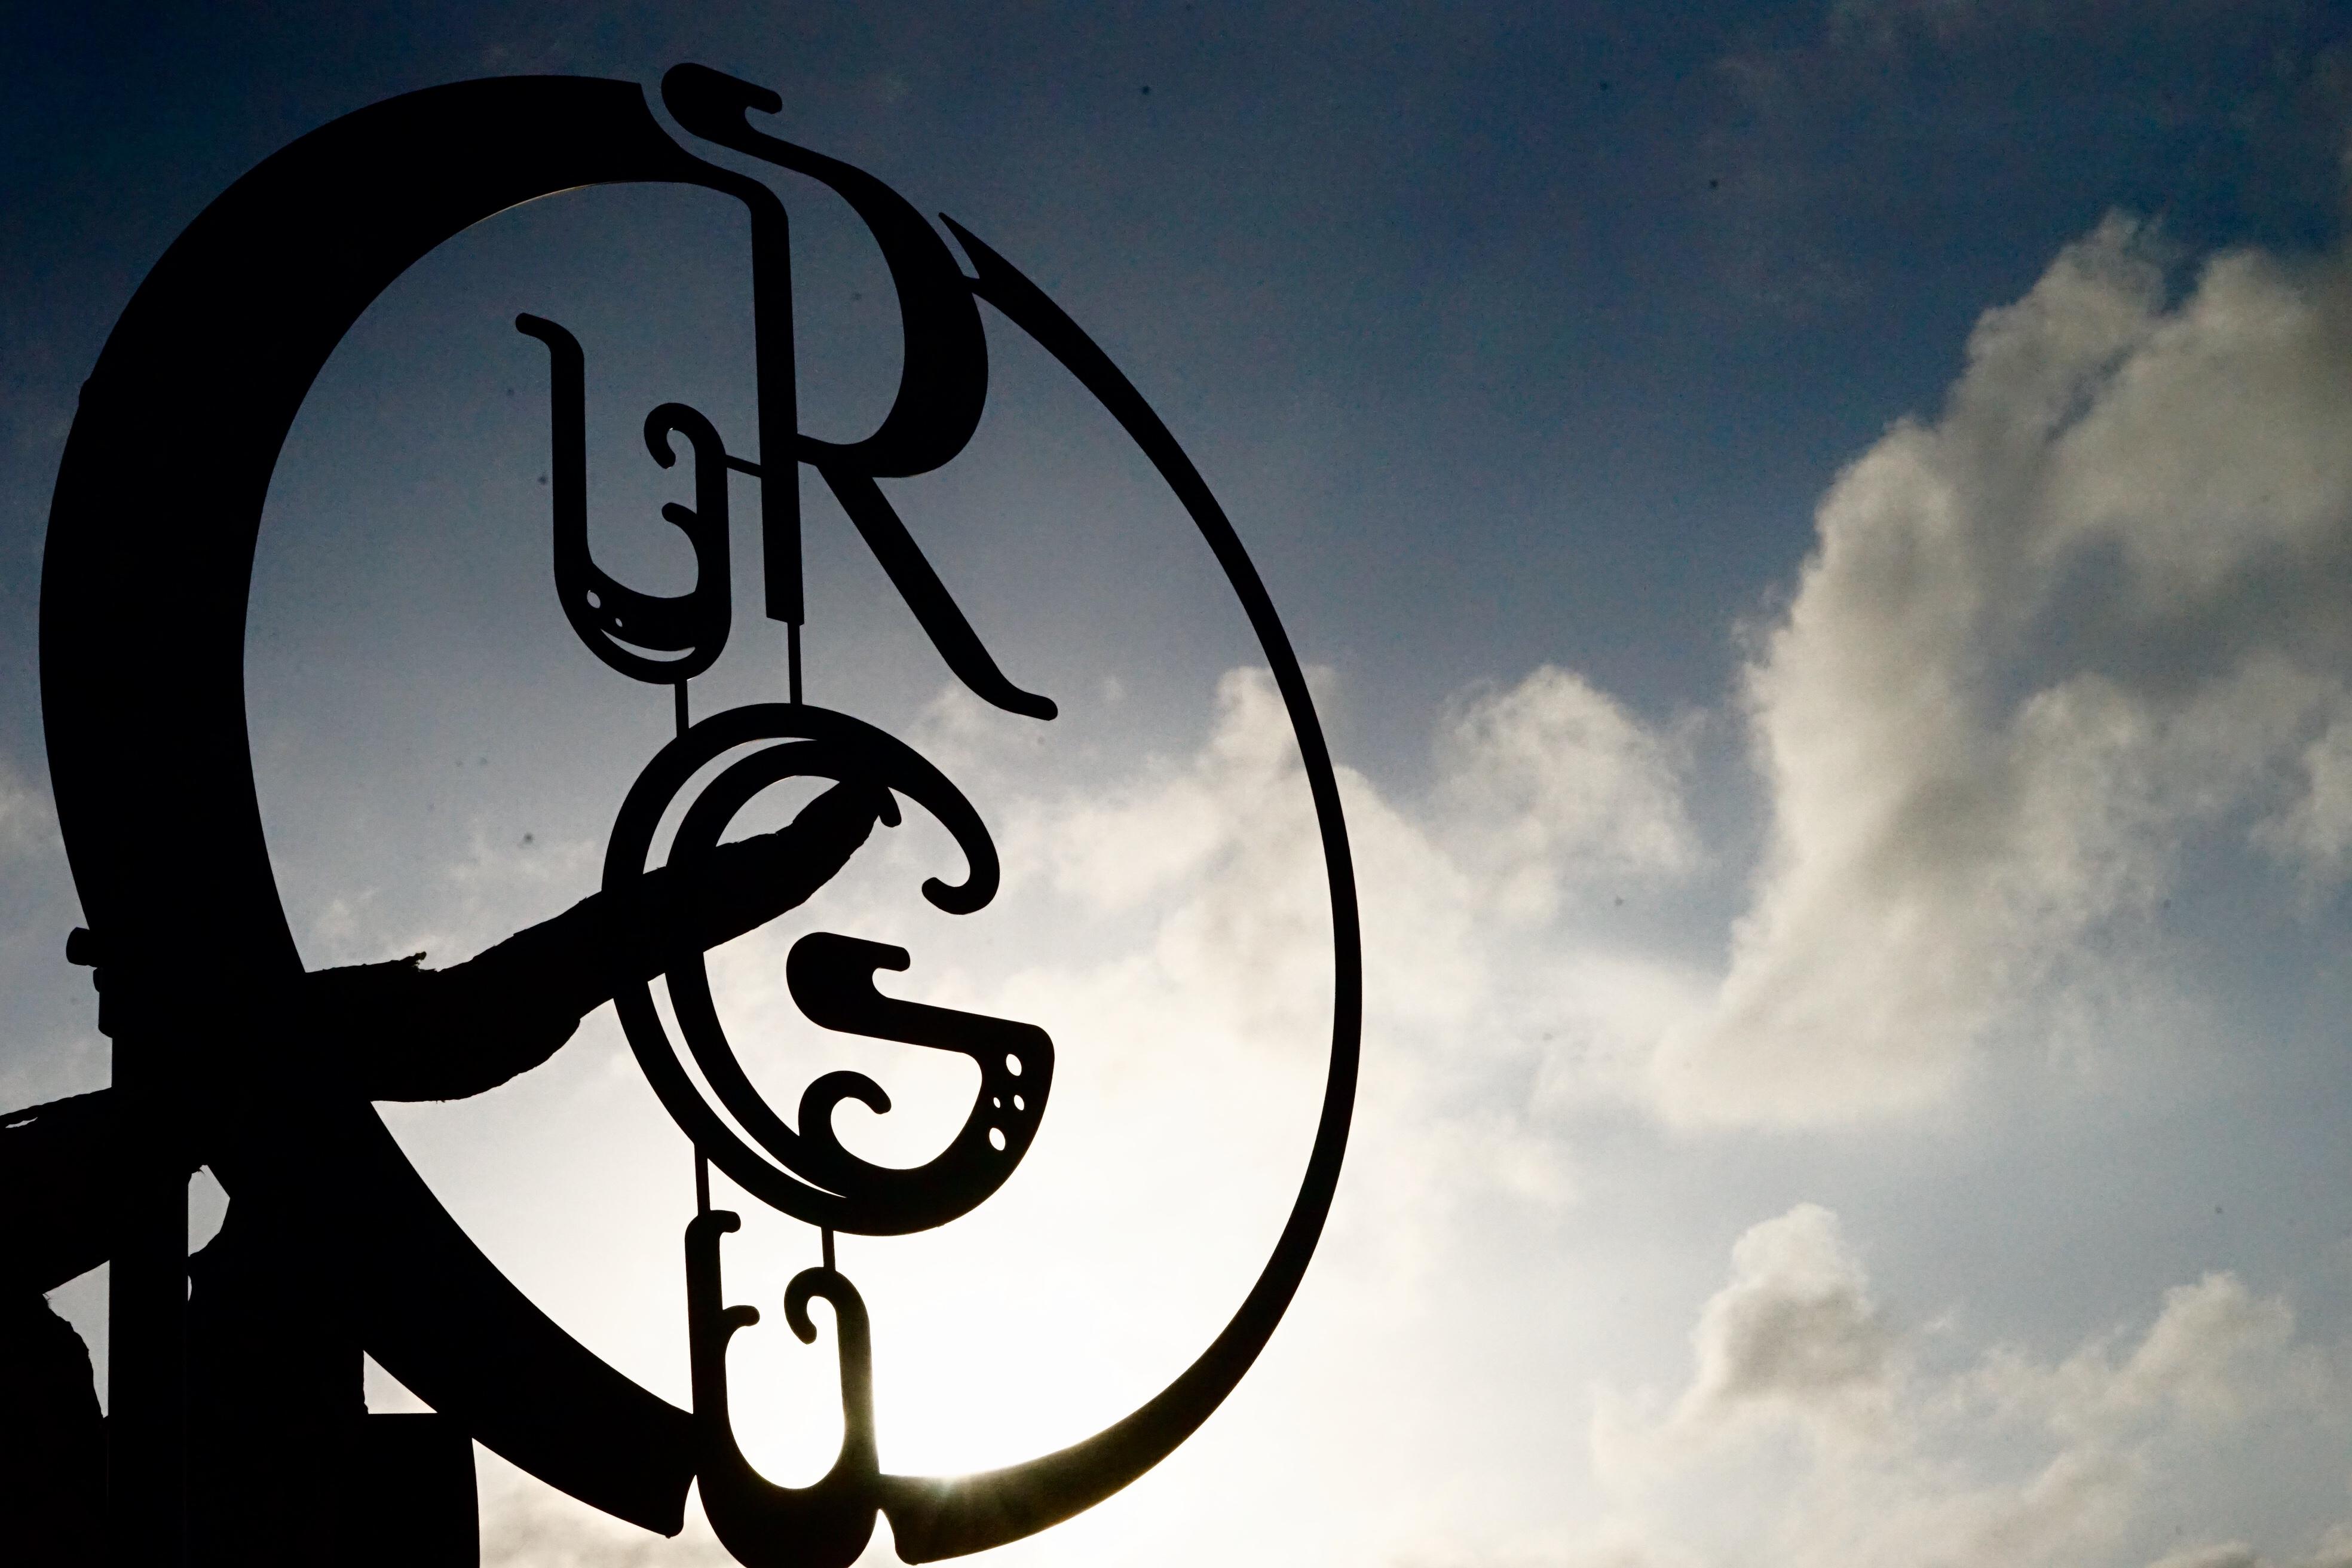 来間島のグランピング施設『RuGu』